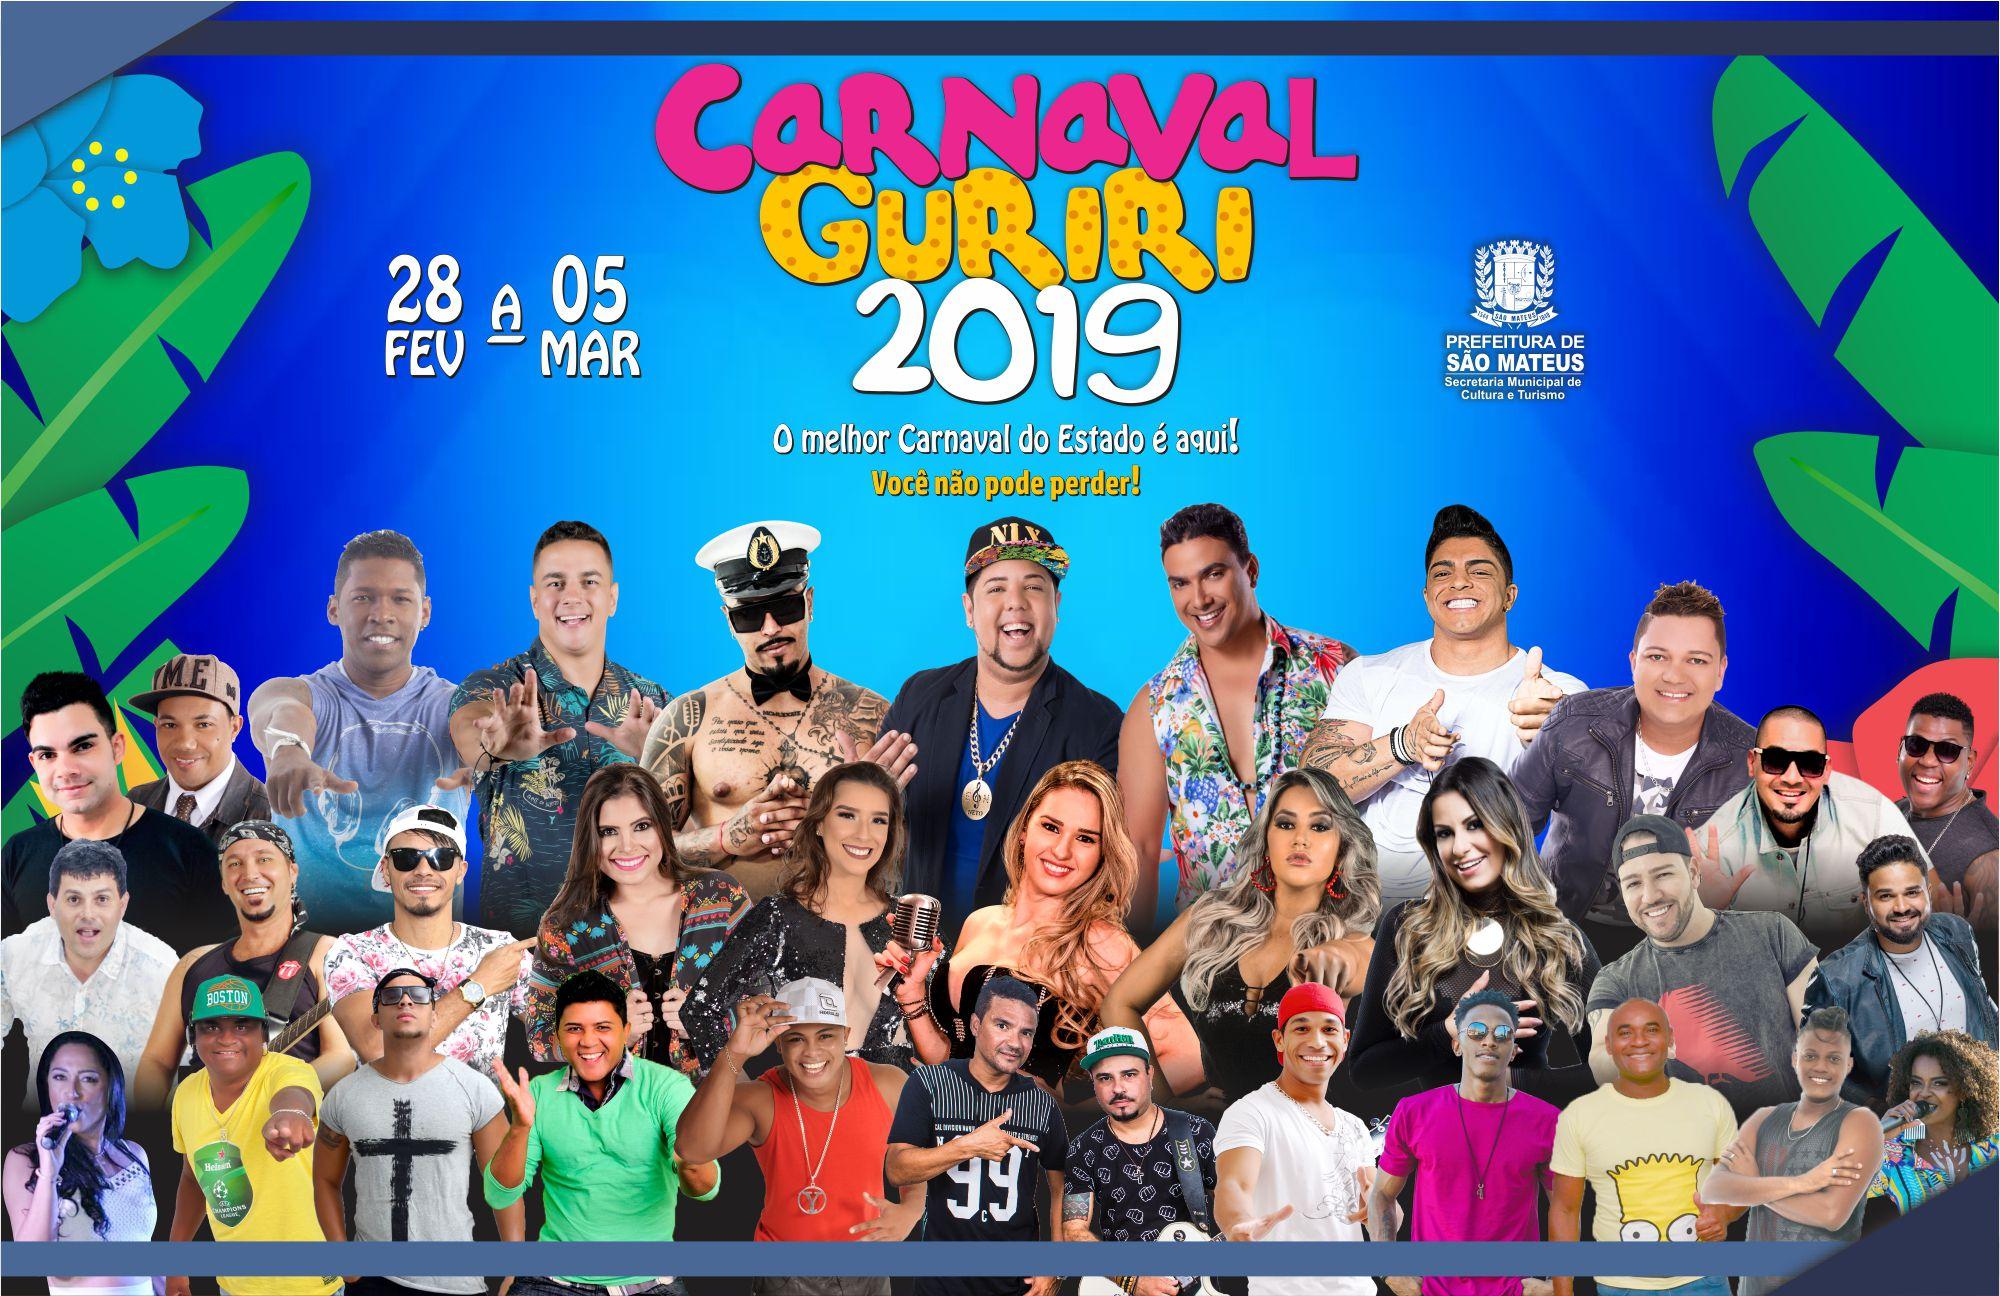 Carnaval Guiriri 2019: Prefeitura Divulga Programação Oficial do Carnaval de Guriri